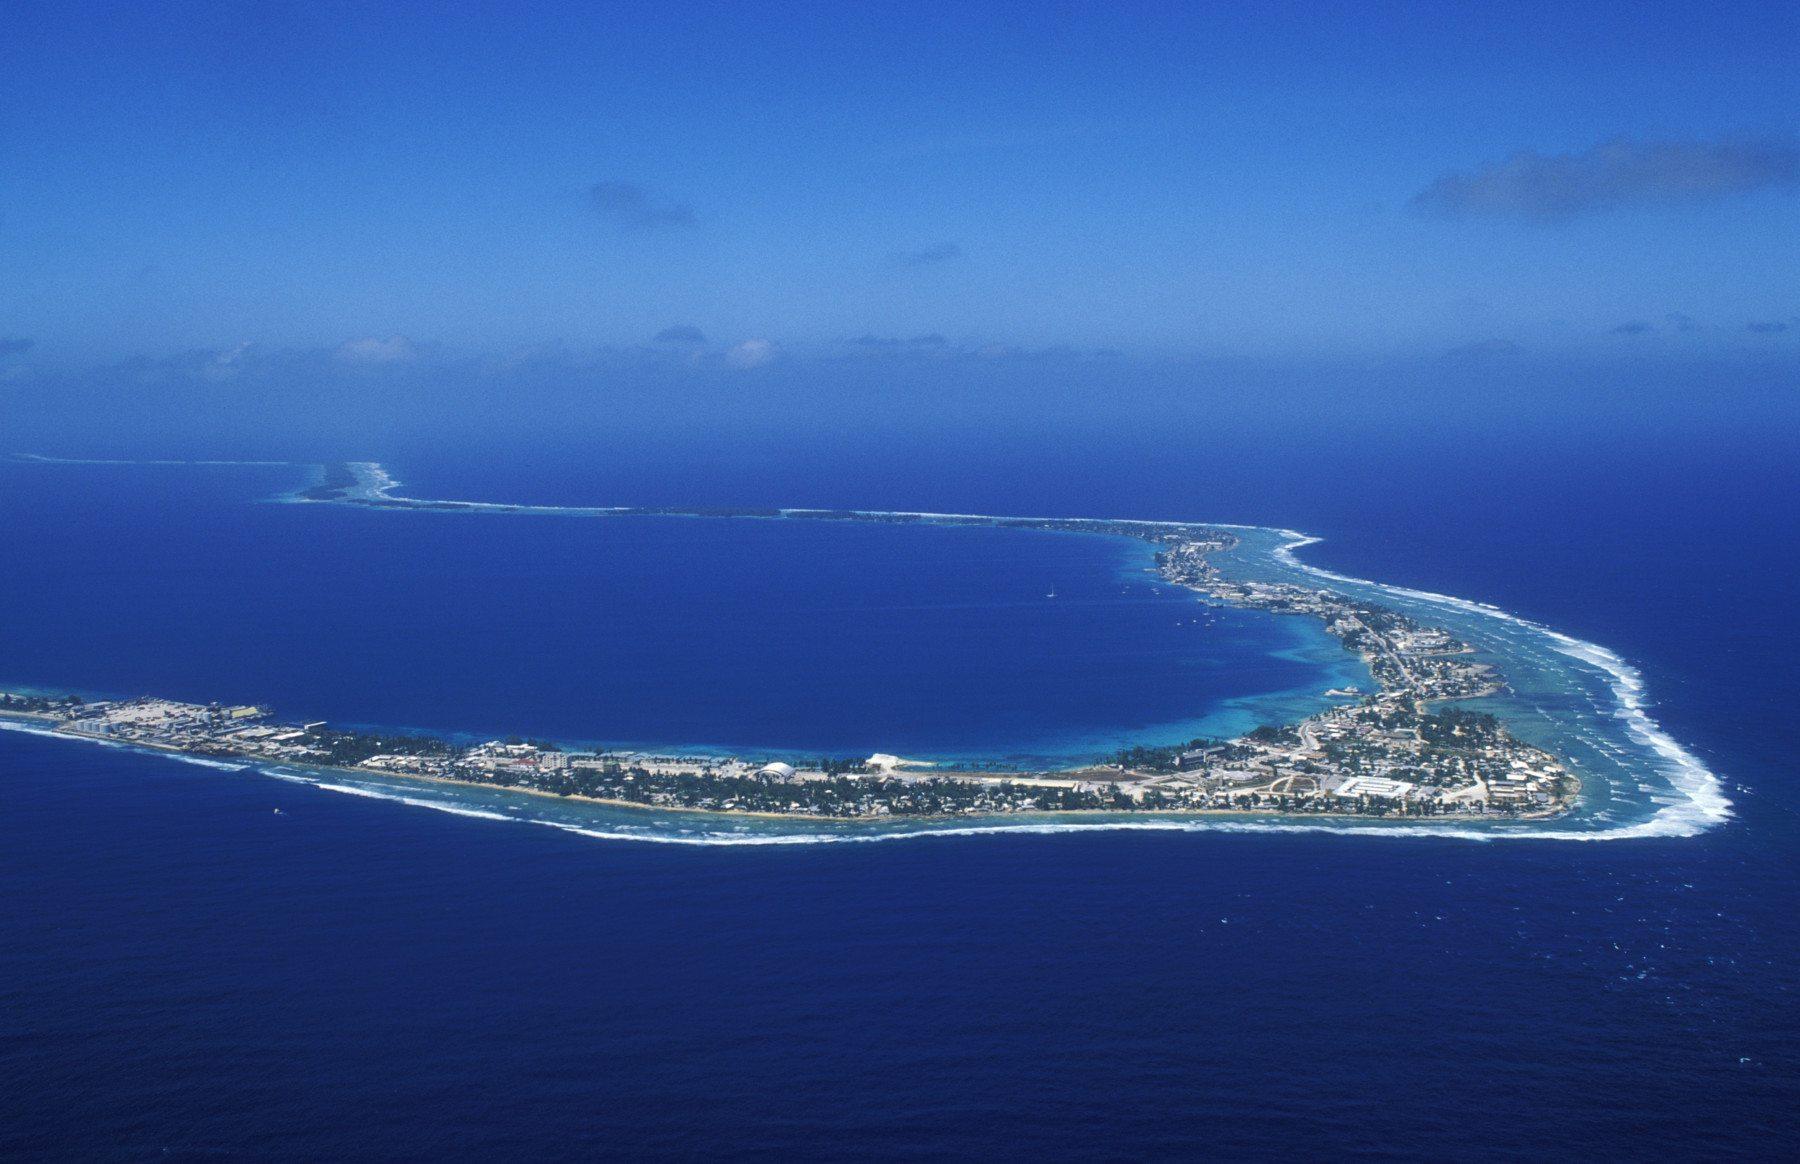 El atolón de Majuro es la capital de la Islas Marshall.